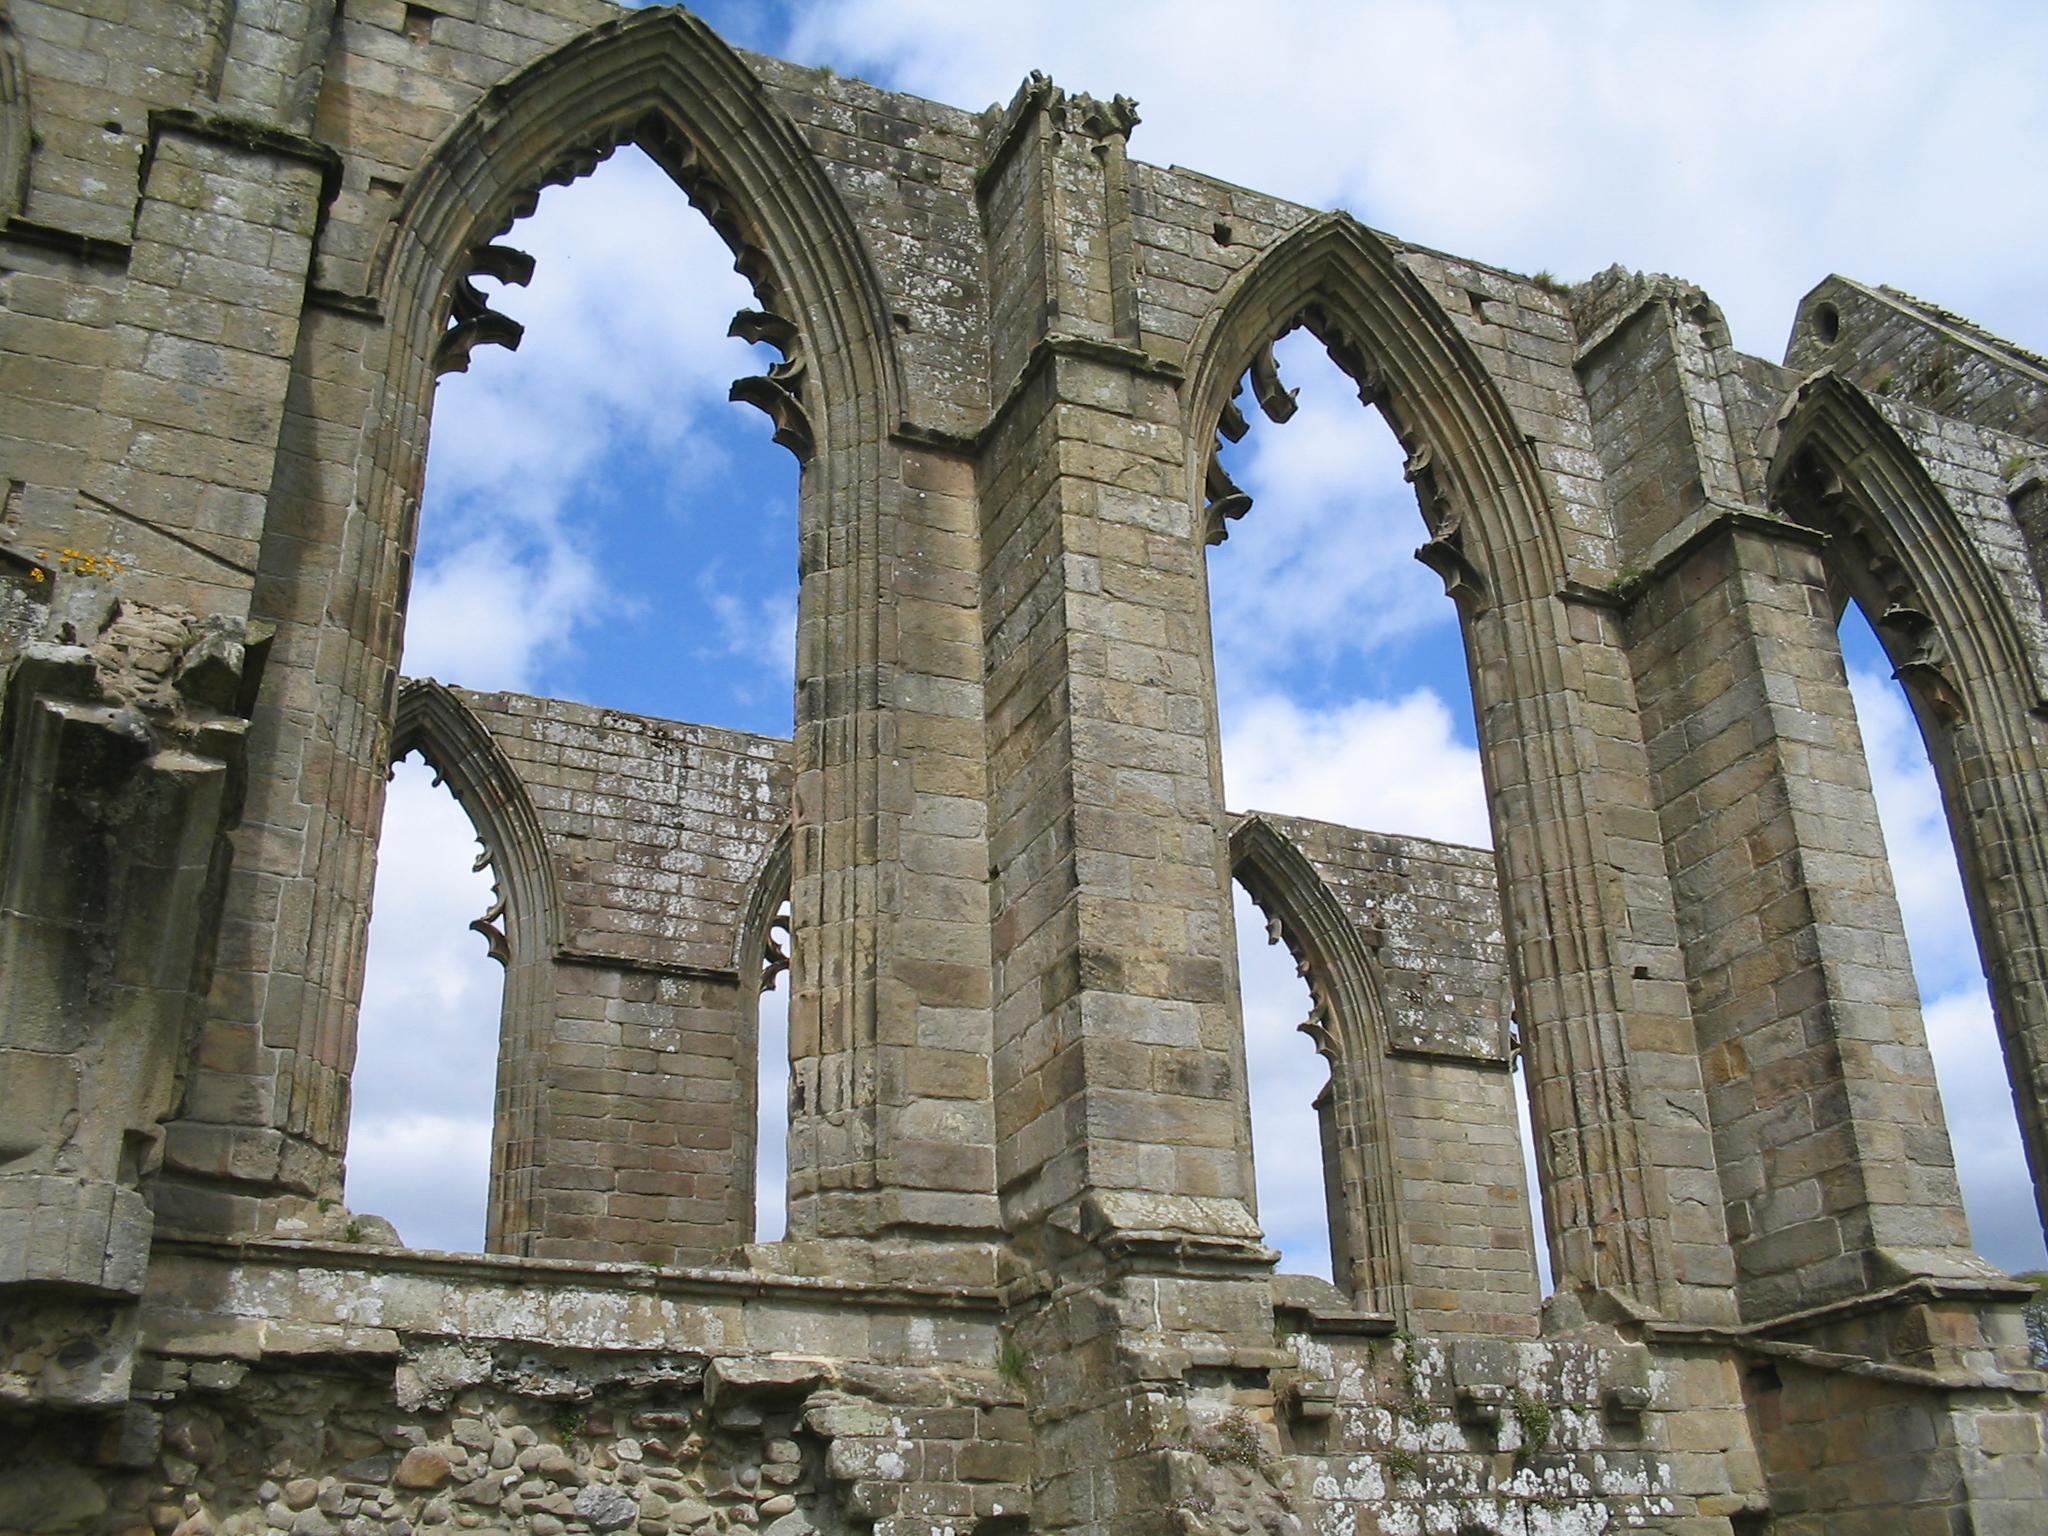 Arcos ojivales en las ruinas de la abadía de Bolton (siglo XII), North Yorkshire, Inglaterra